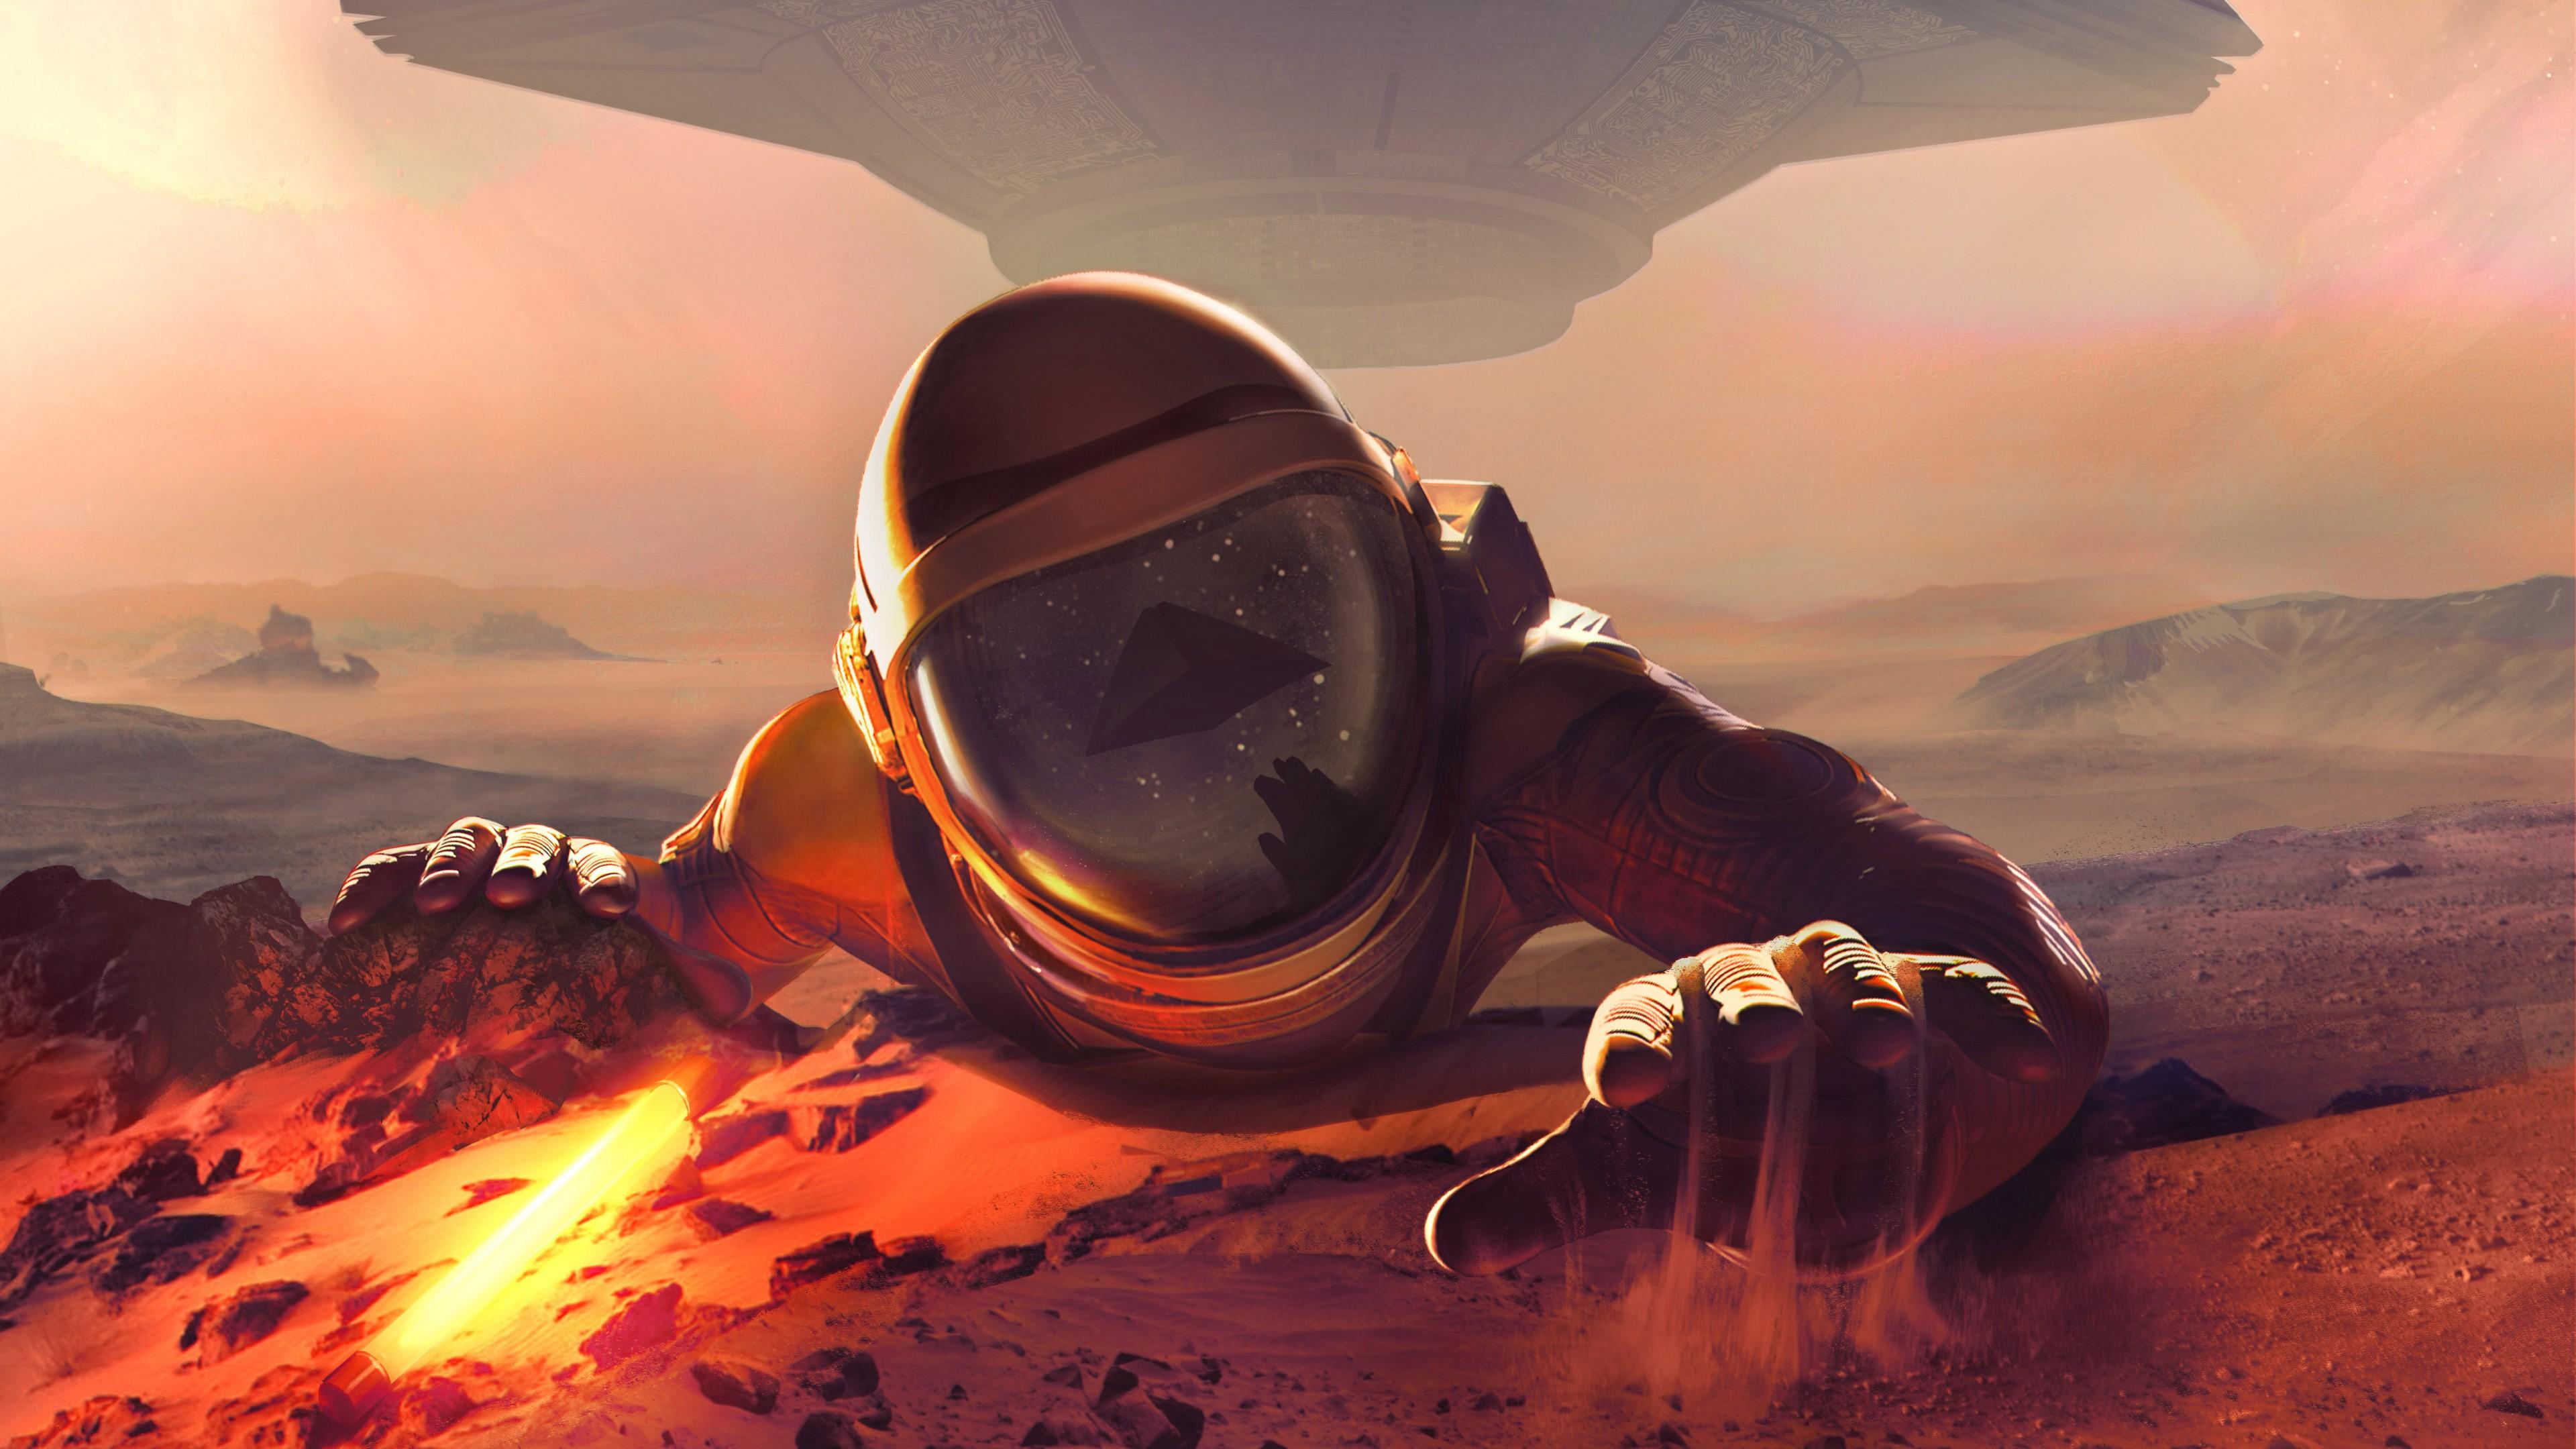 Космонавт в скафандре на красной огненной планете